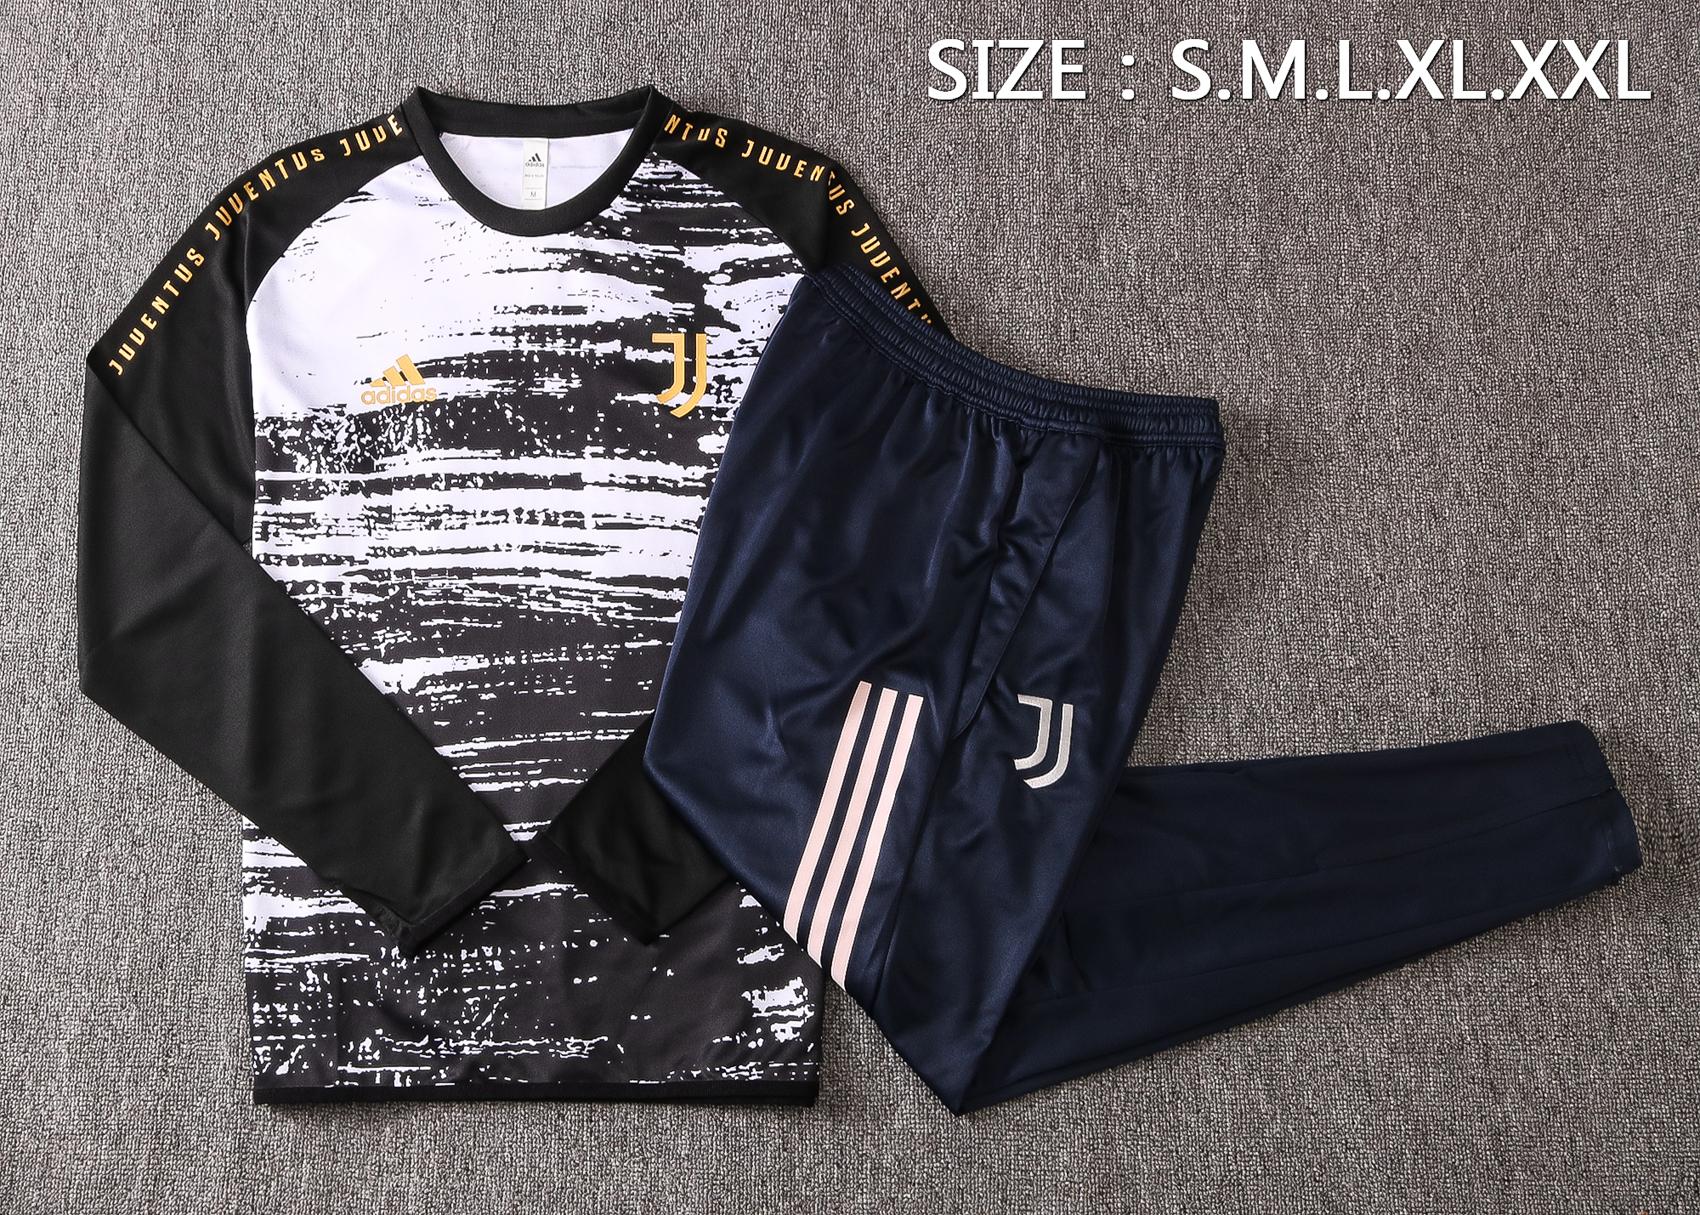 20-21-juventus-mixed-white-long-football-training-suit-664.jpg